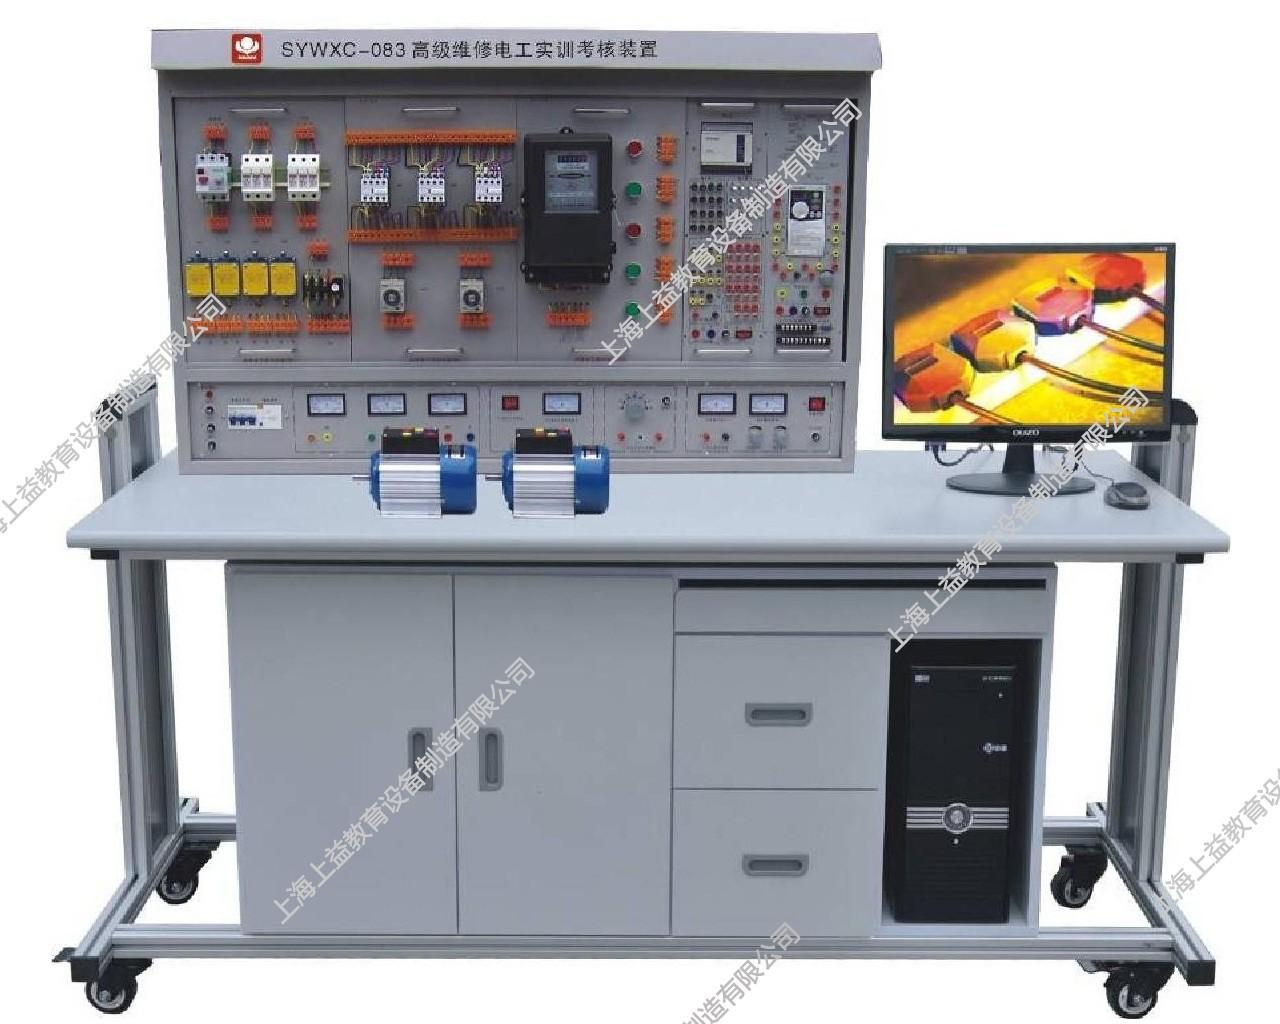 SYWXC-083高级维修电工wwwlehu8viplehu68vip装置(普通型)